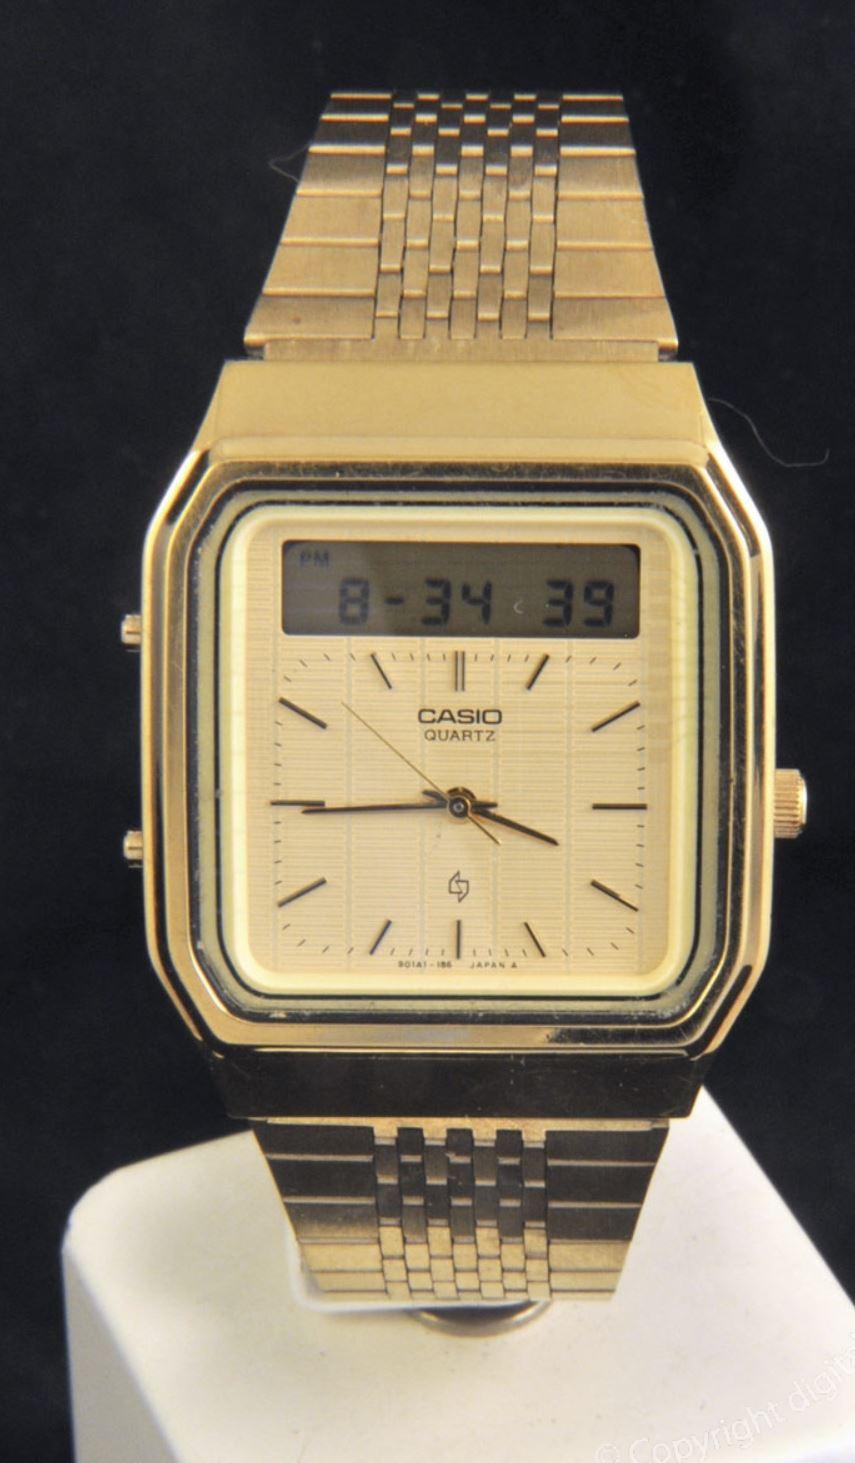 Comment Casio a t il pu créer une montre tactile en 1984 ?